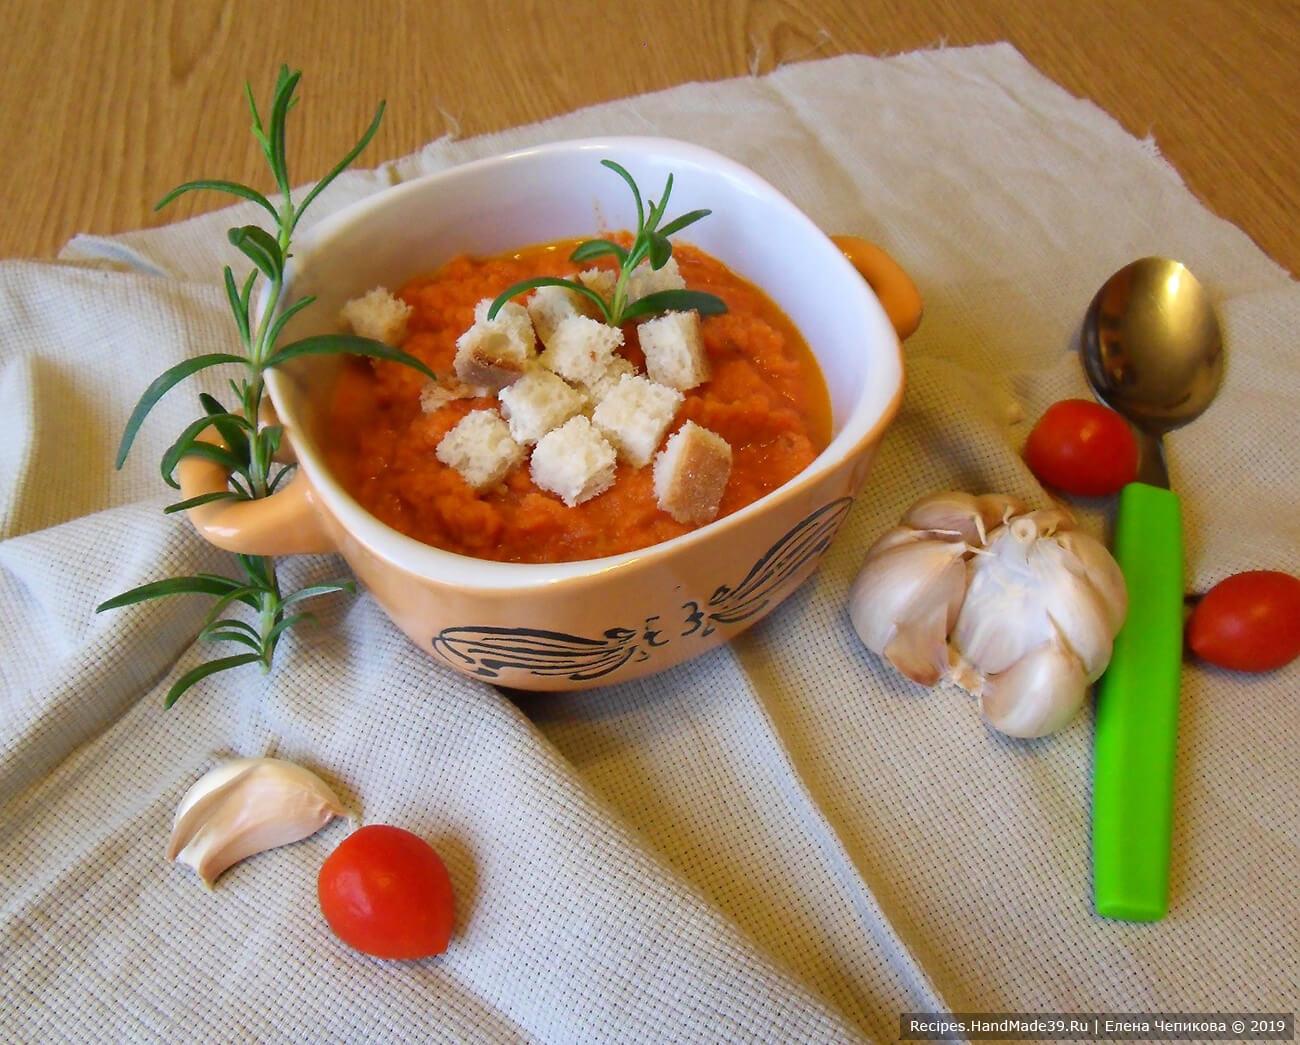 Наш томатный суп «Паппа аль помодоро» готов, приятного аппетита!